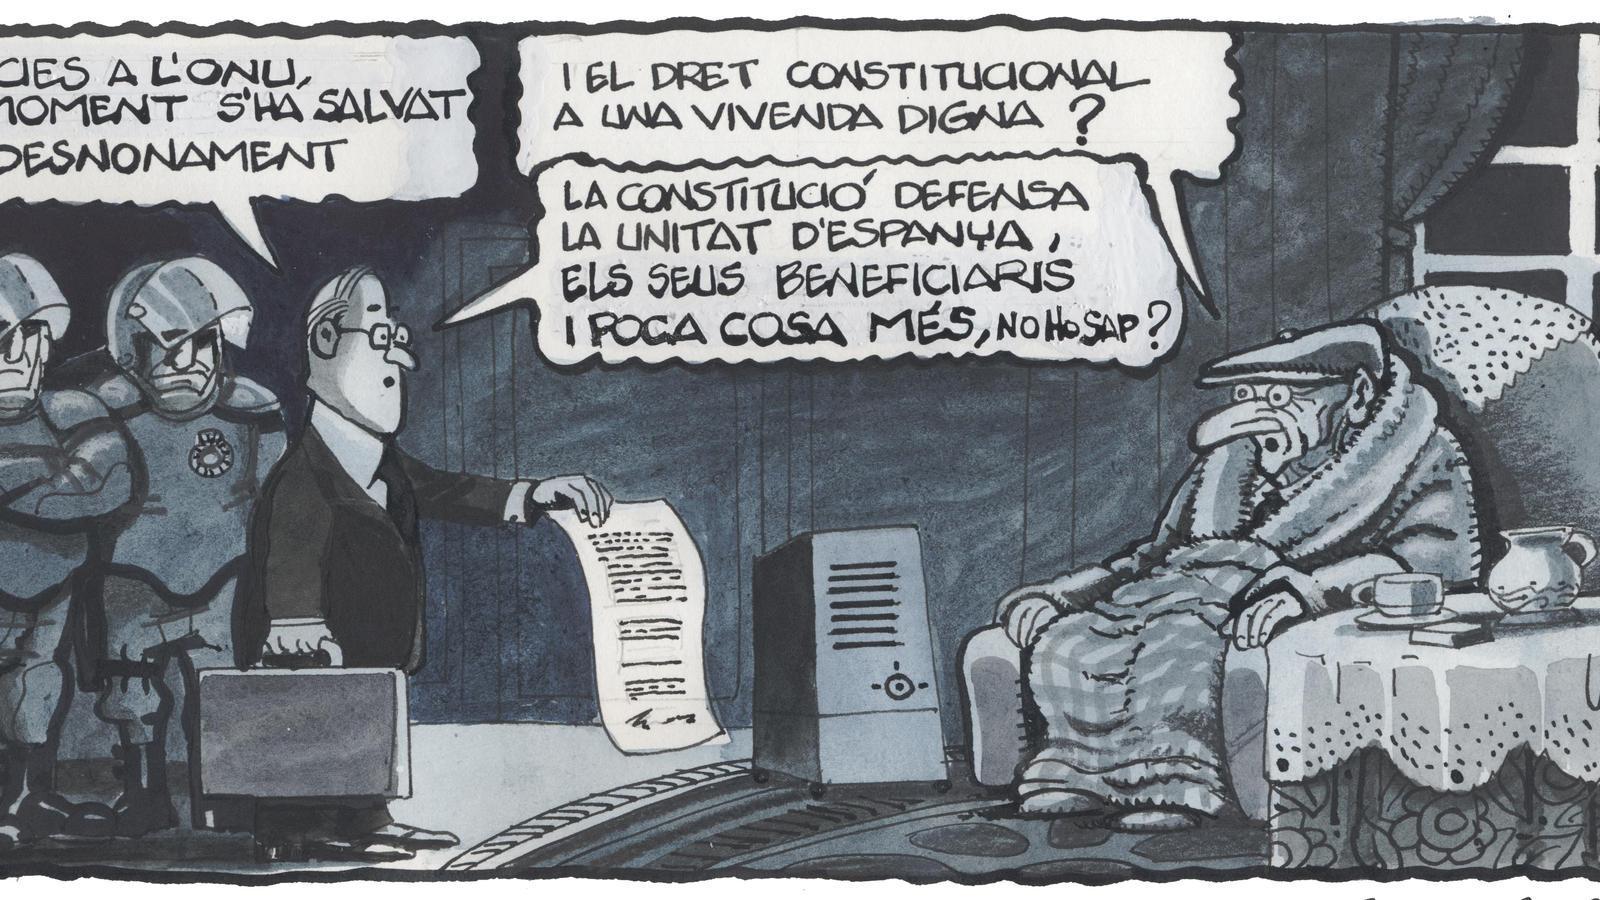 'A la contra', per Ferreres 12/02/2020